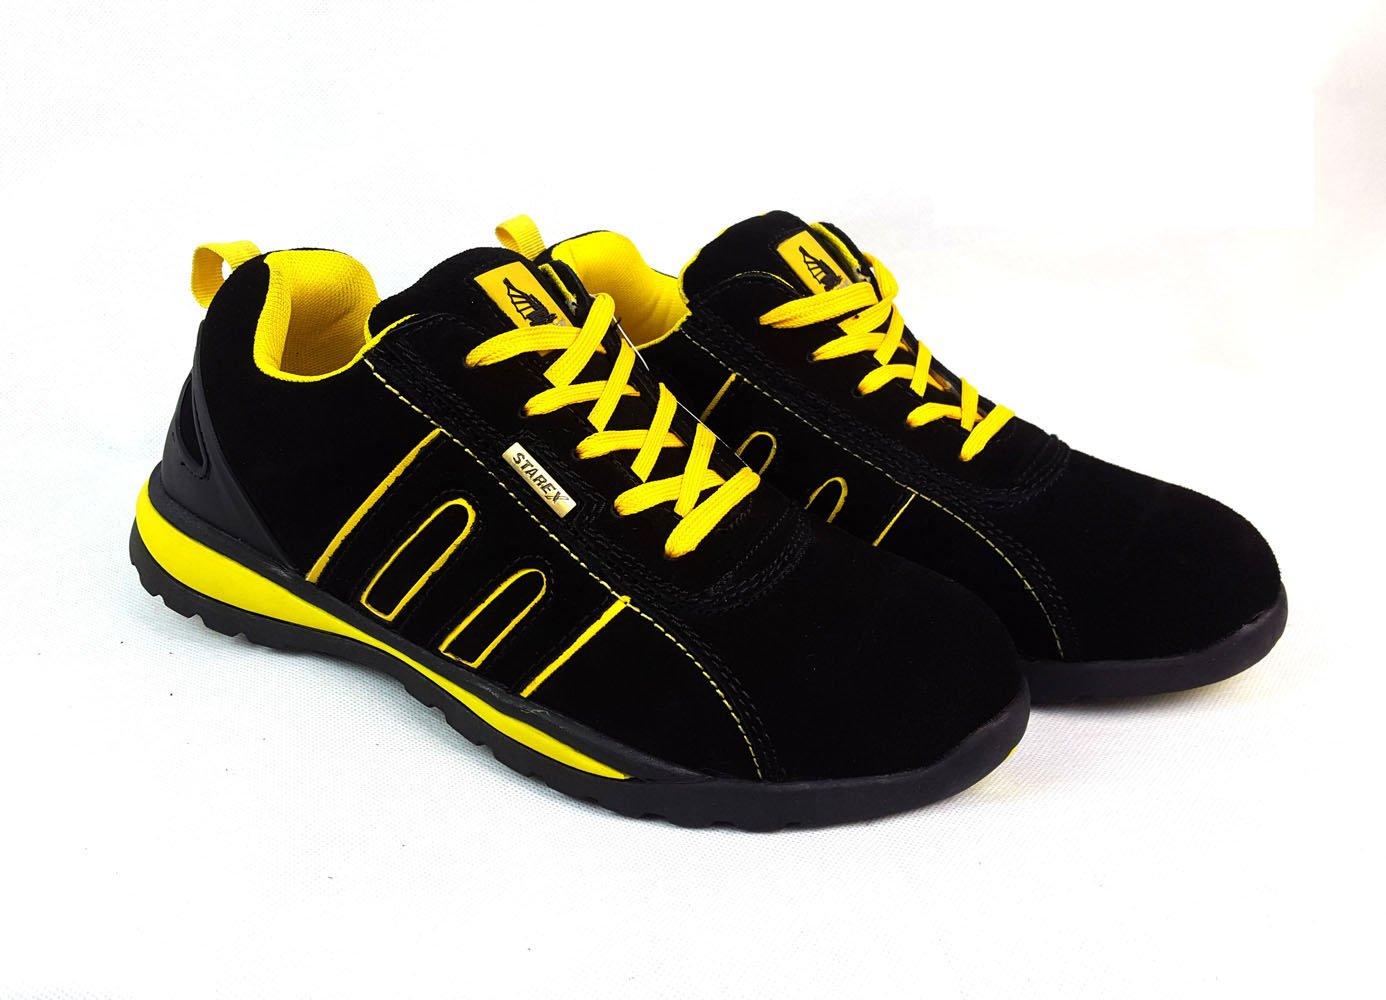 Arbeits-/Sicherheitsschuhe für Herren, mit Stahlkappe, knöchelhoch, rot Suede / schwarz, 9 Yellow/schwarz Suede rot 6a29c8